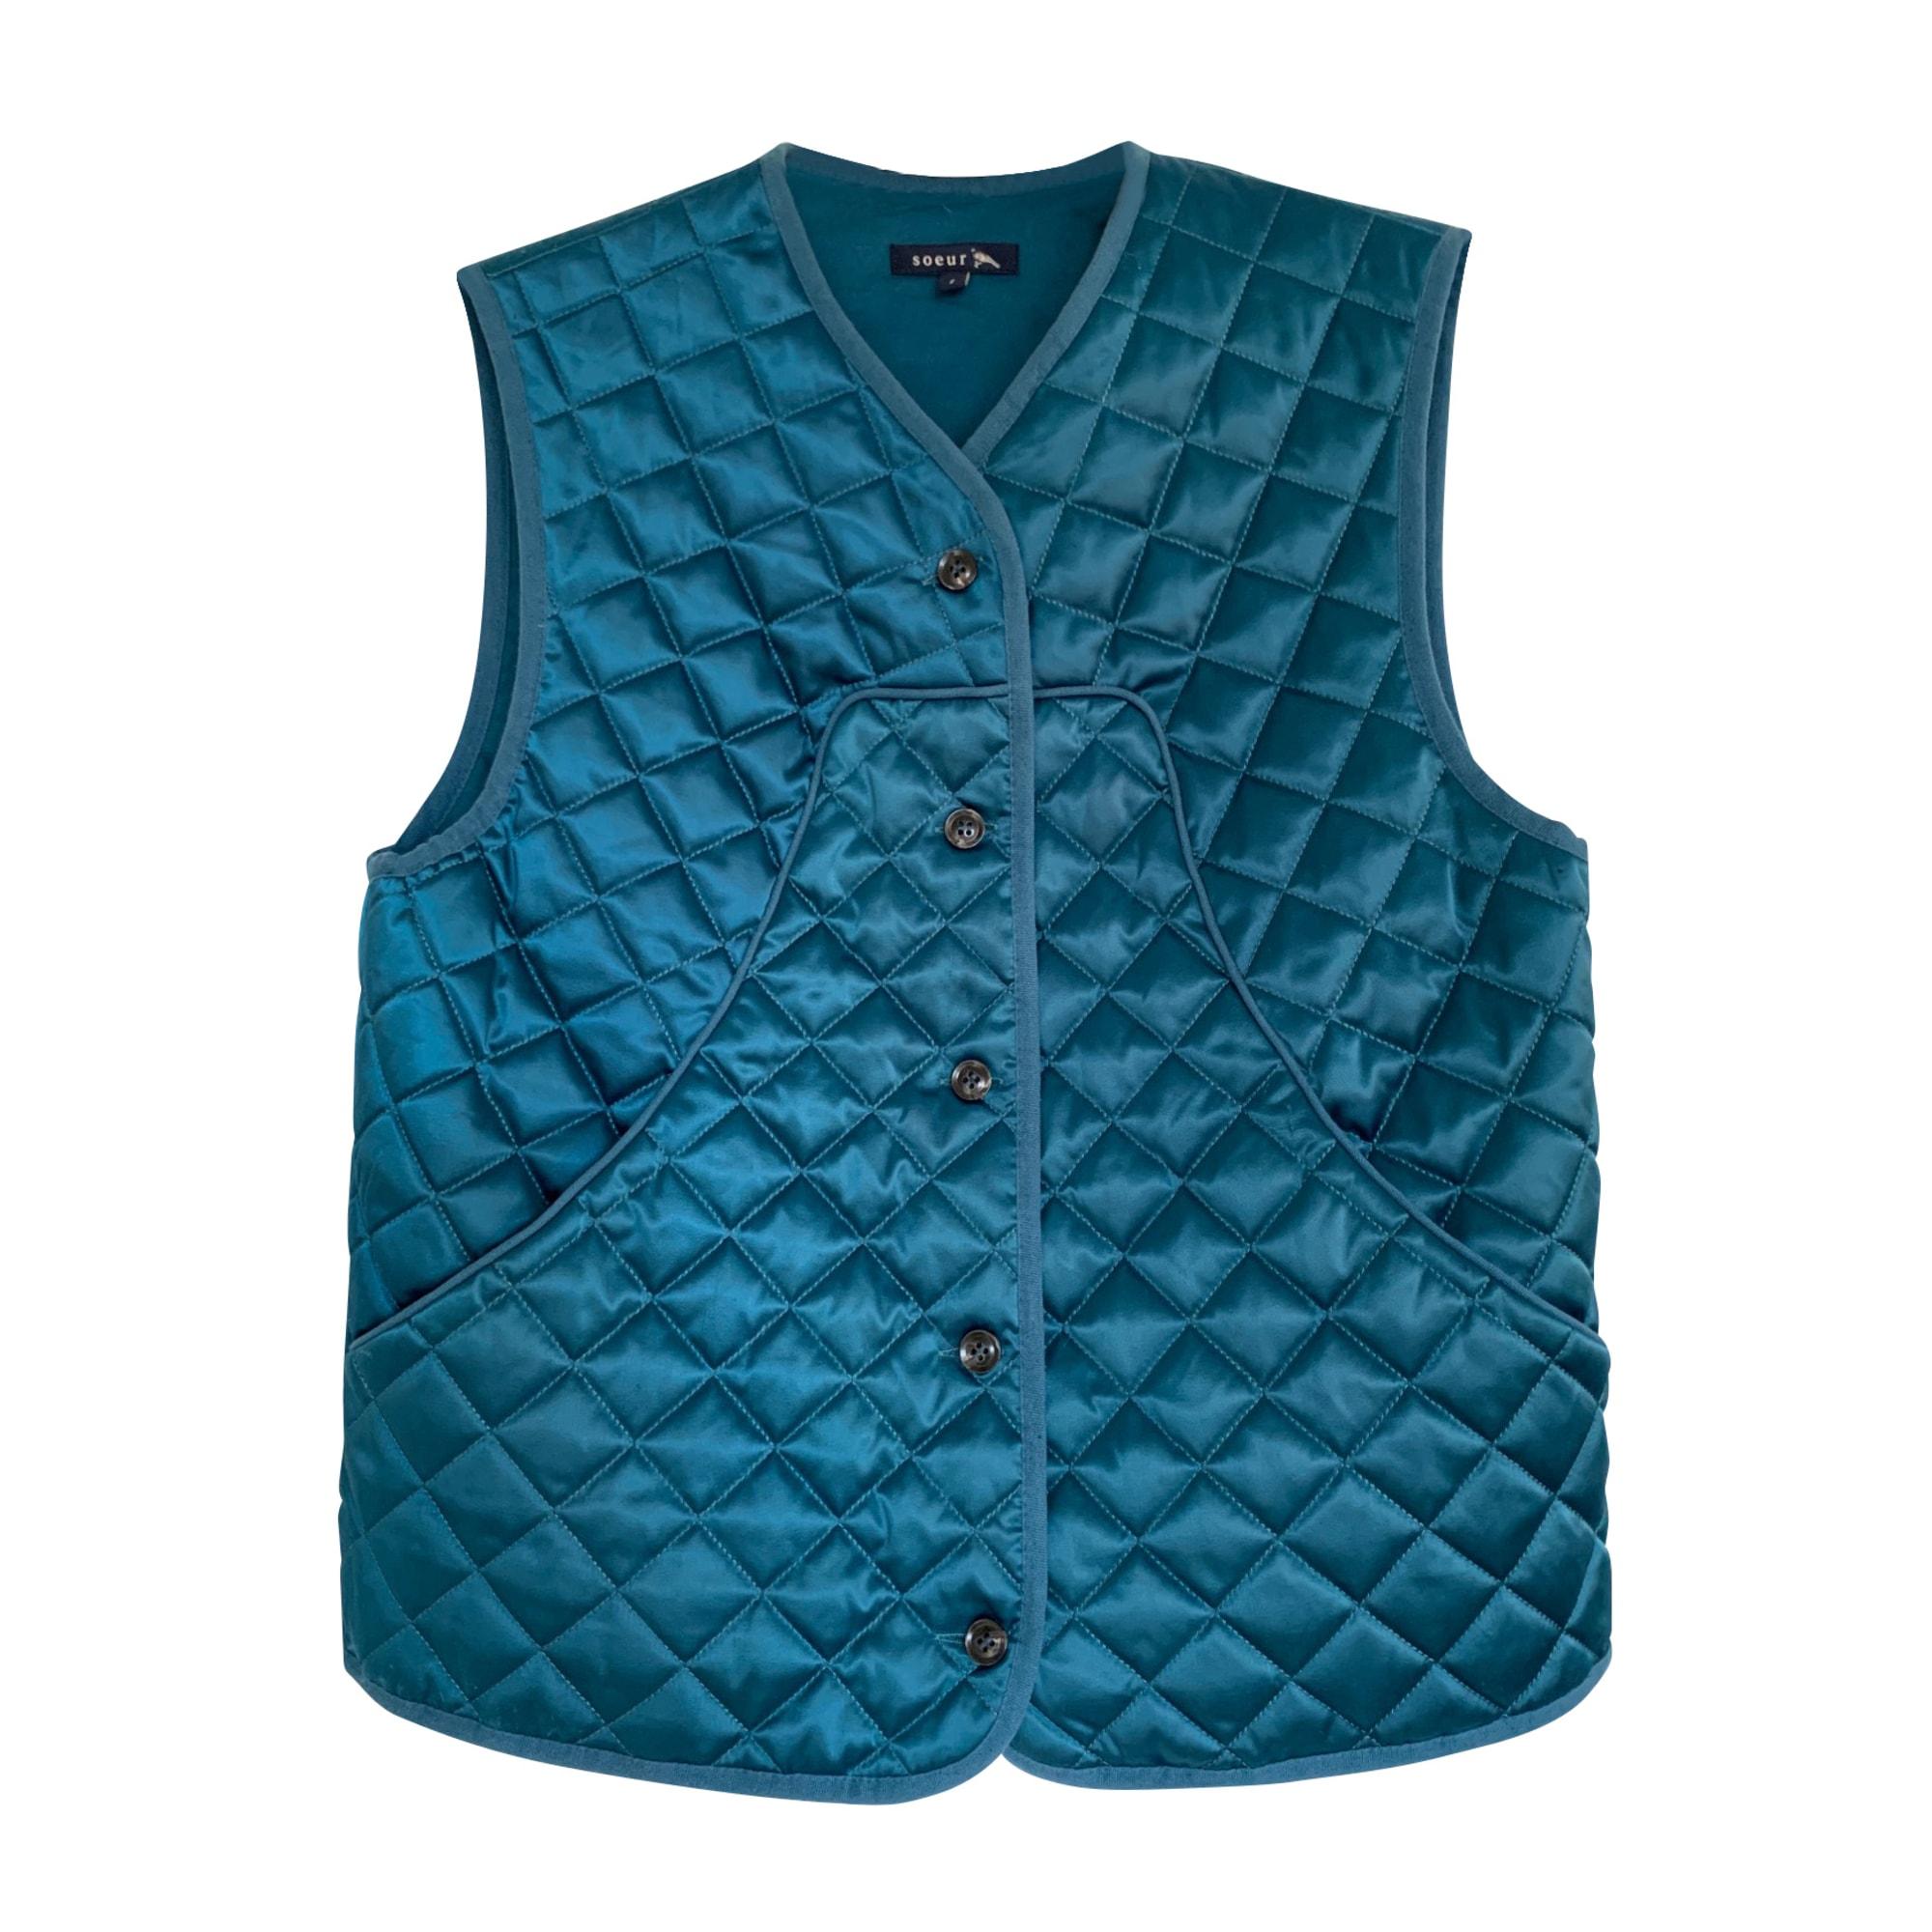 Veste SOEUR Bleu, bleu marine, bleu turquoise